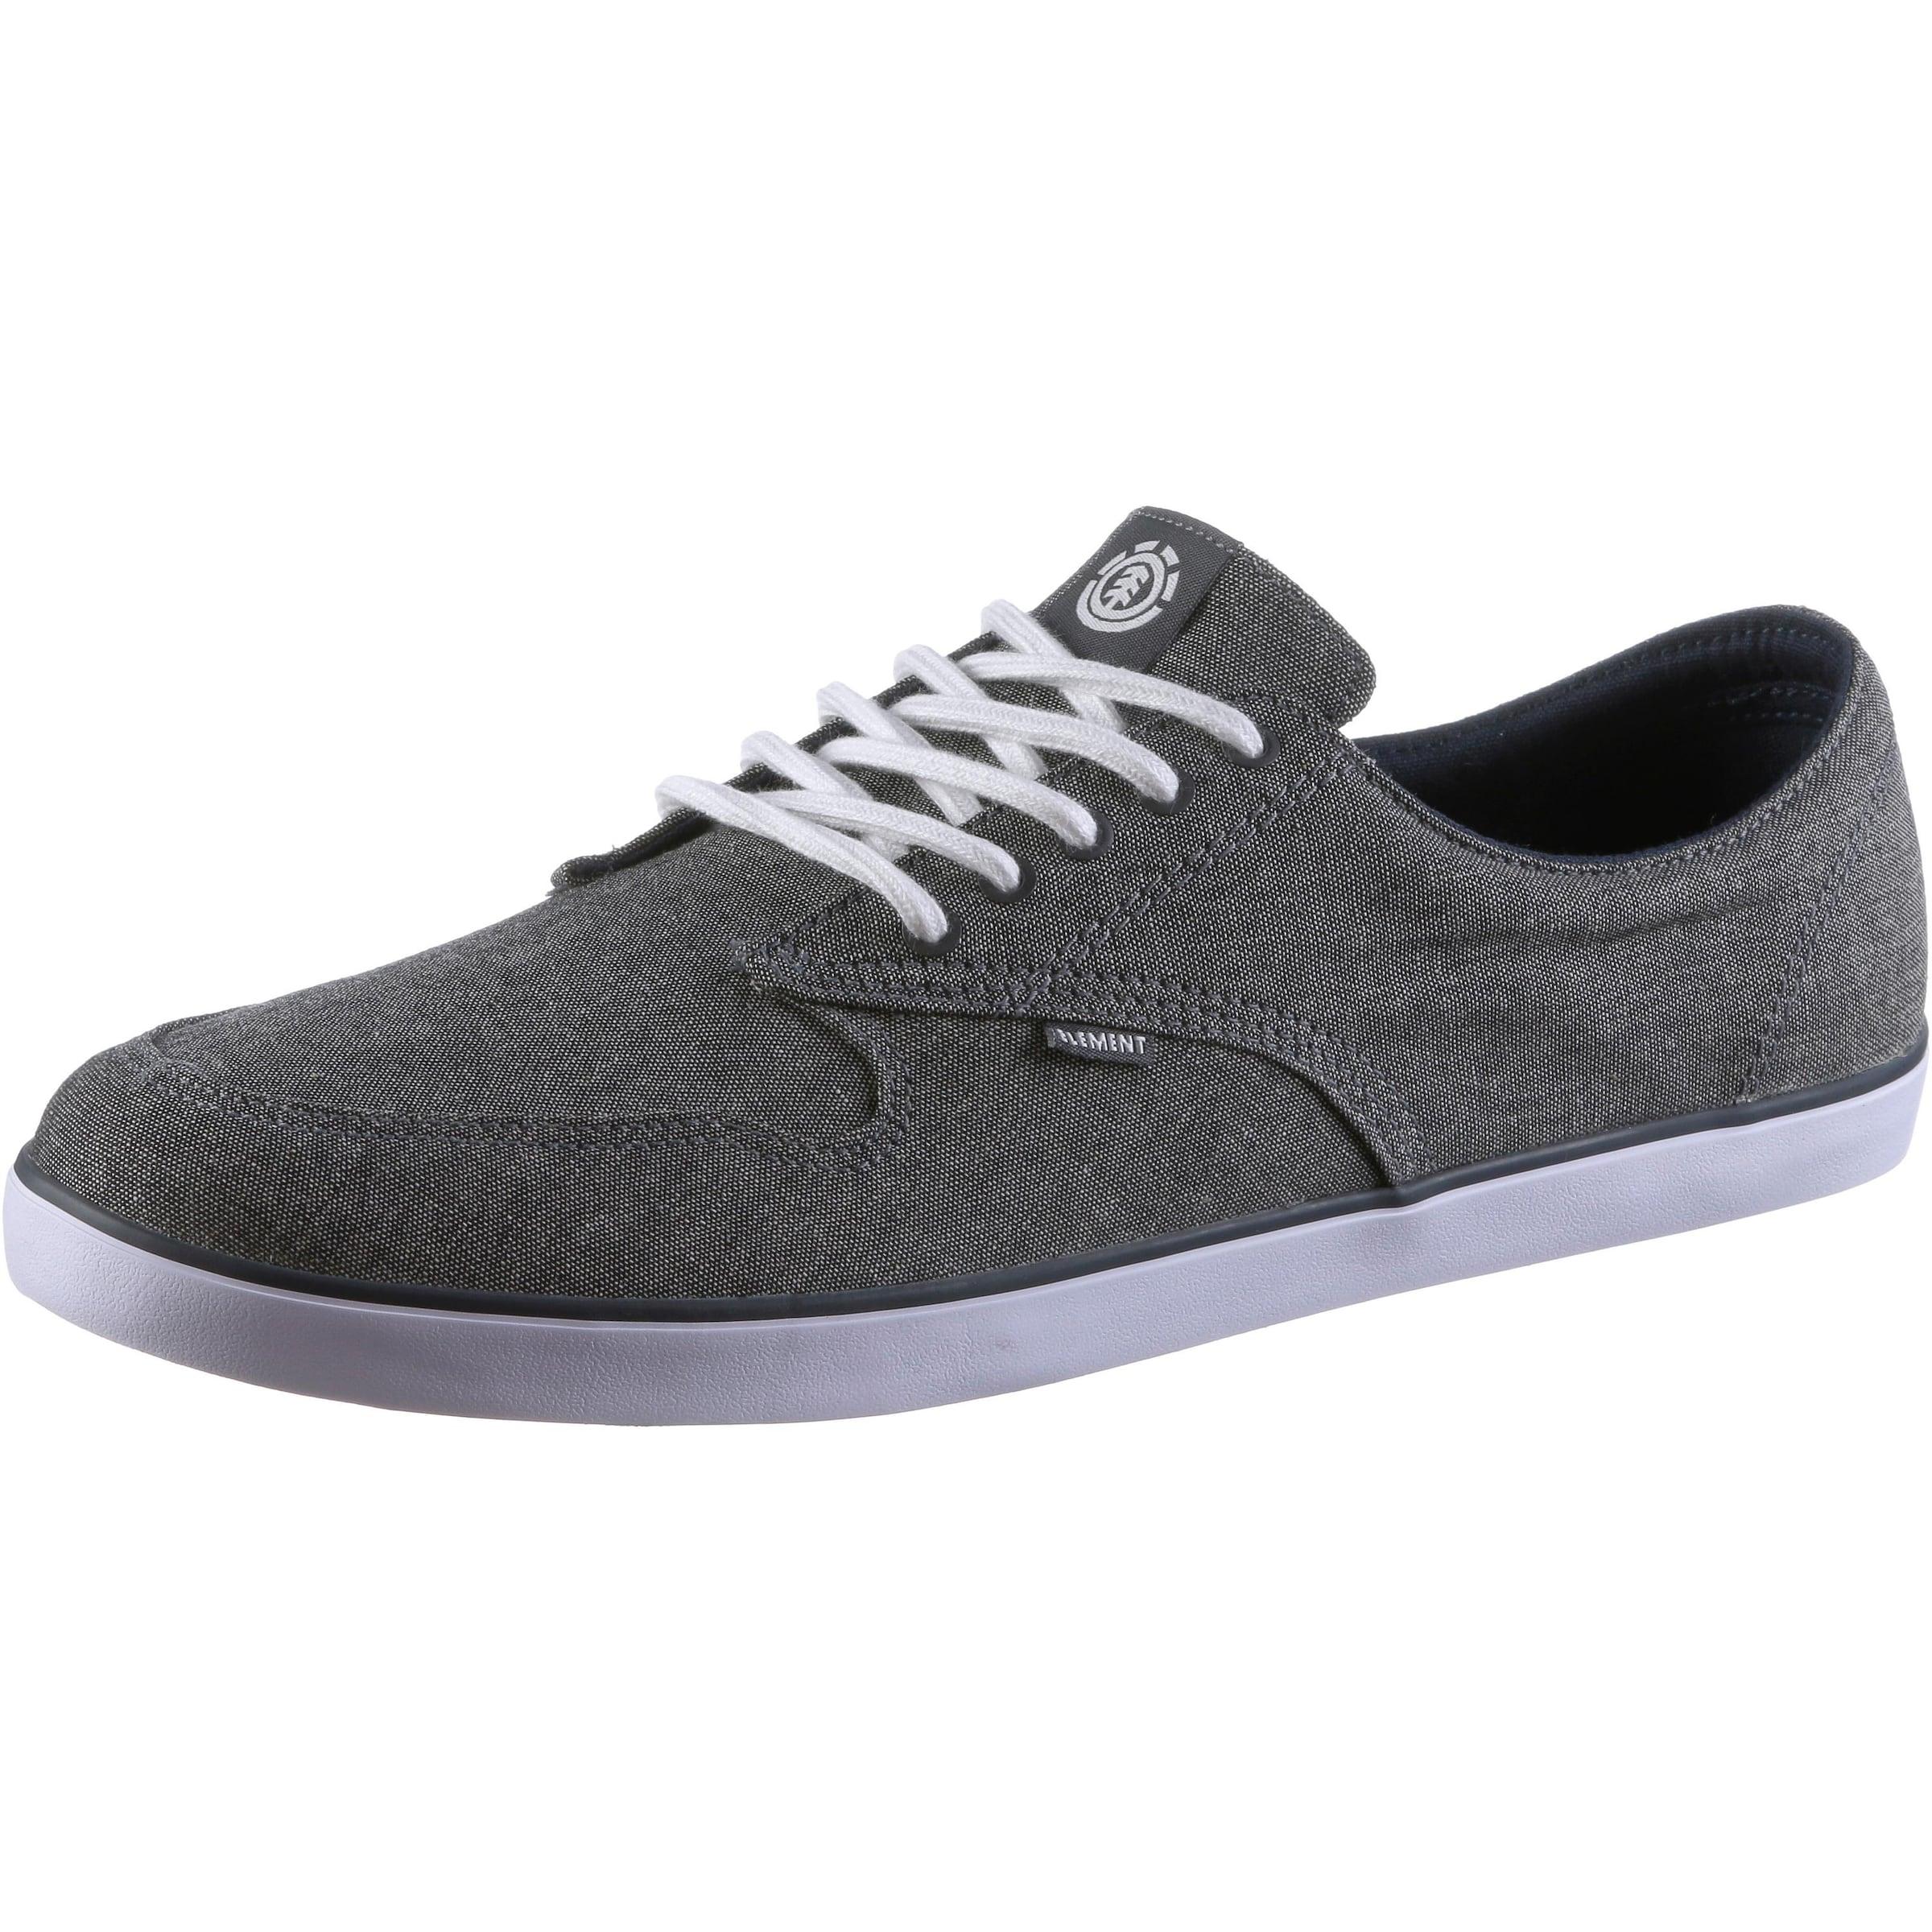 ELEMENT TOPAZ Sneaker Verschleißfeste billige Schuhe